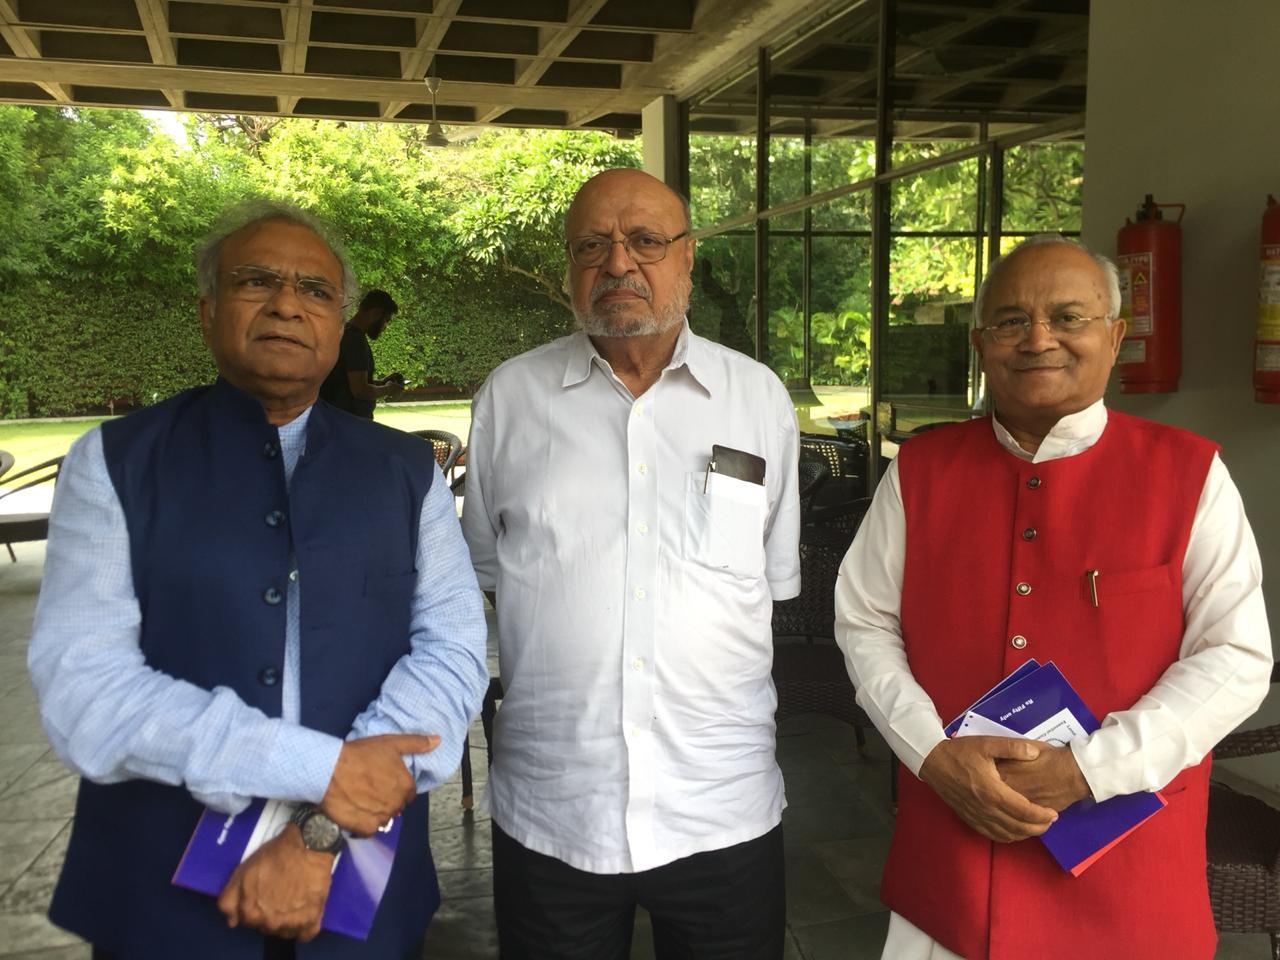 प्रसिद्ध फिल्मकार श्री श्याम बेनेगल और आईटीएम विवि के कुलपति श्री रमाशंकर सिंह तथा डॉ. वैदिक